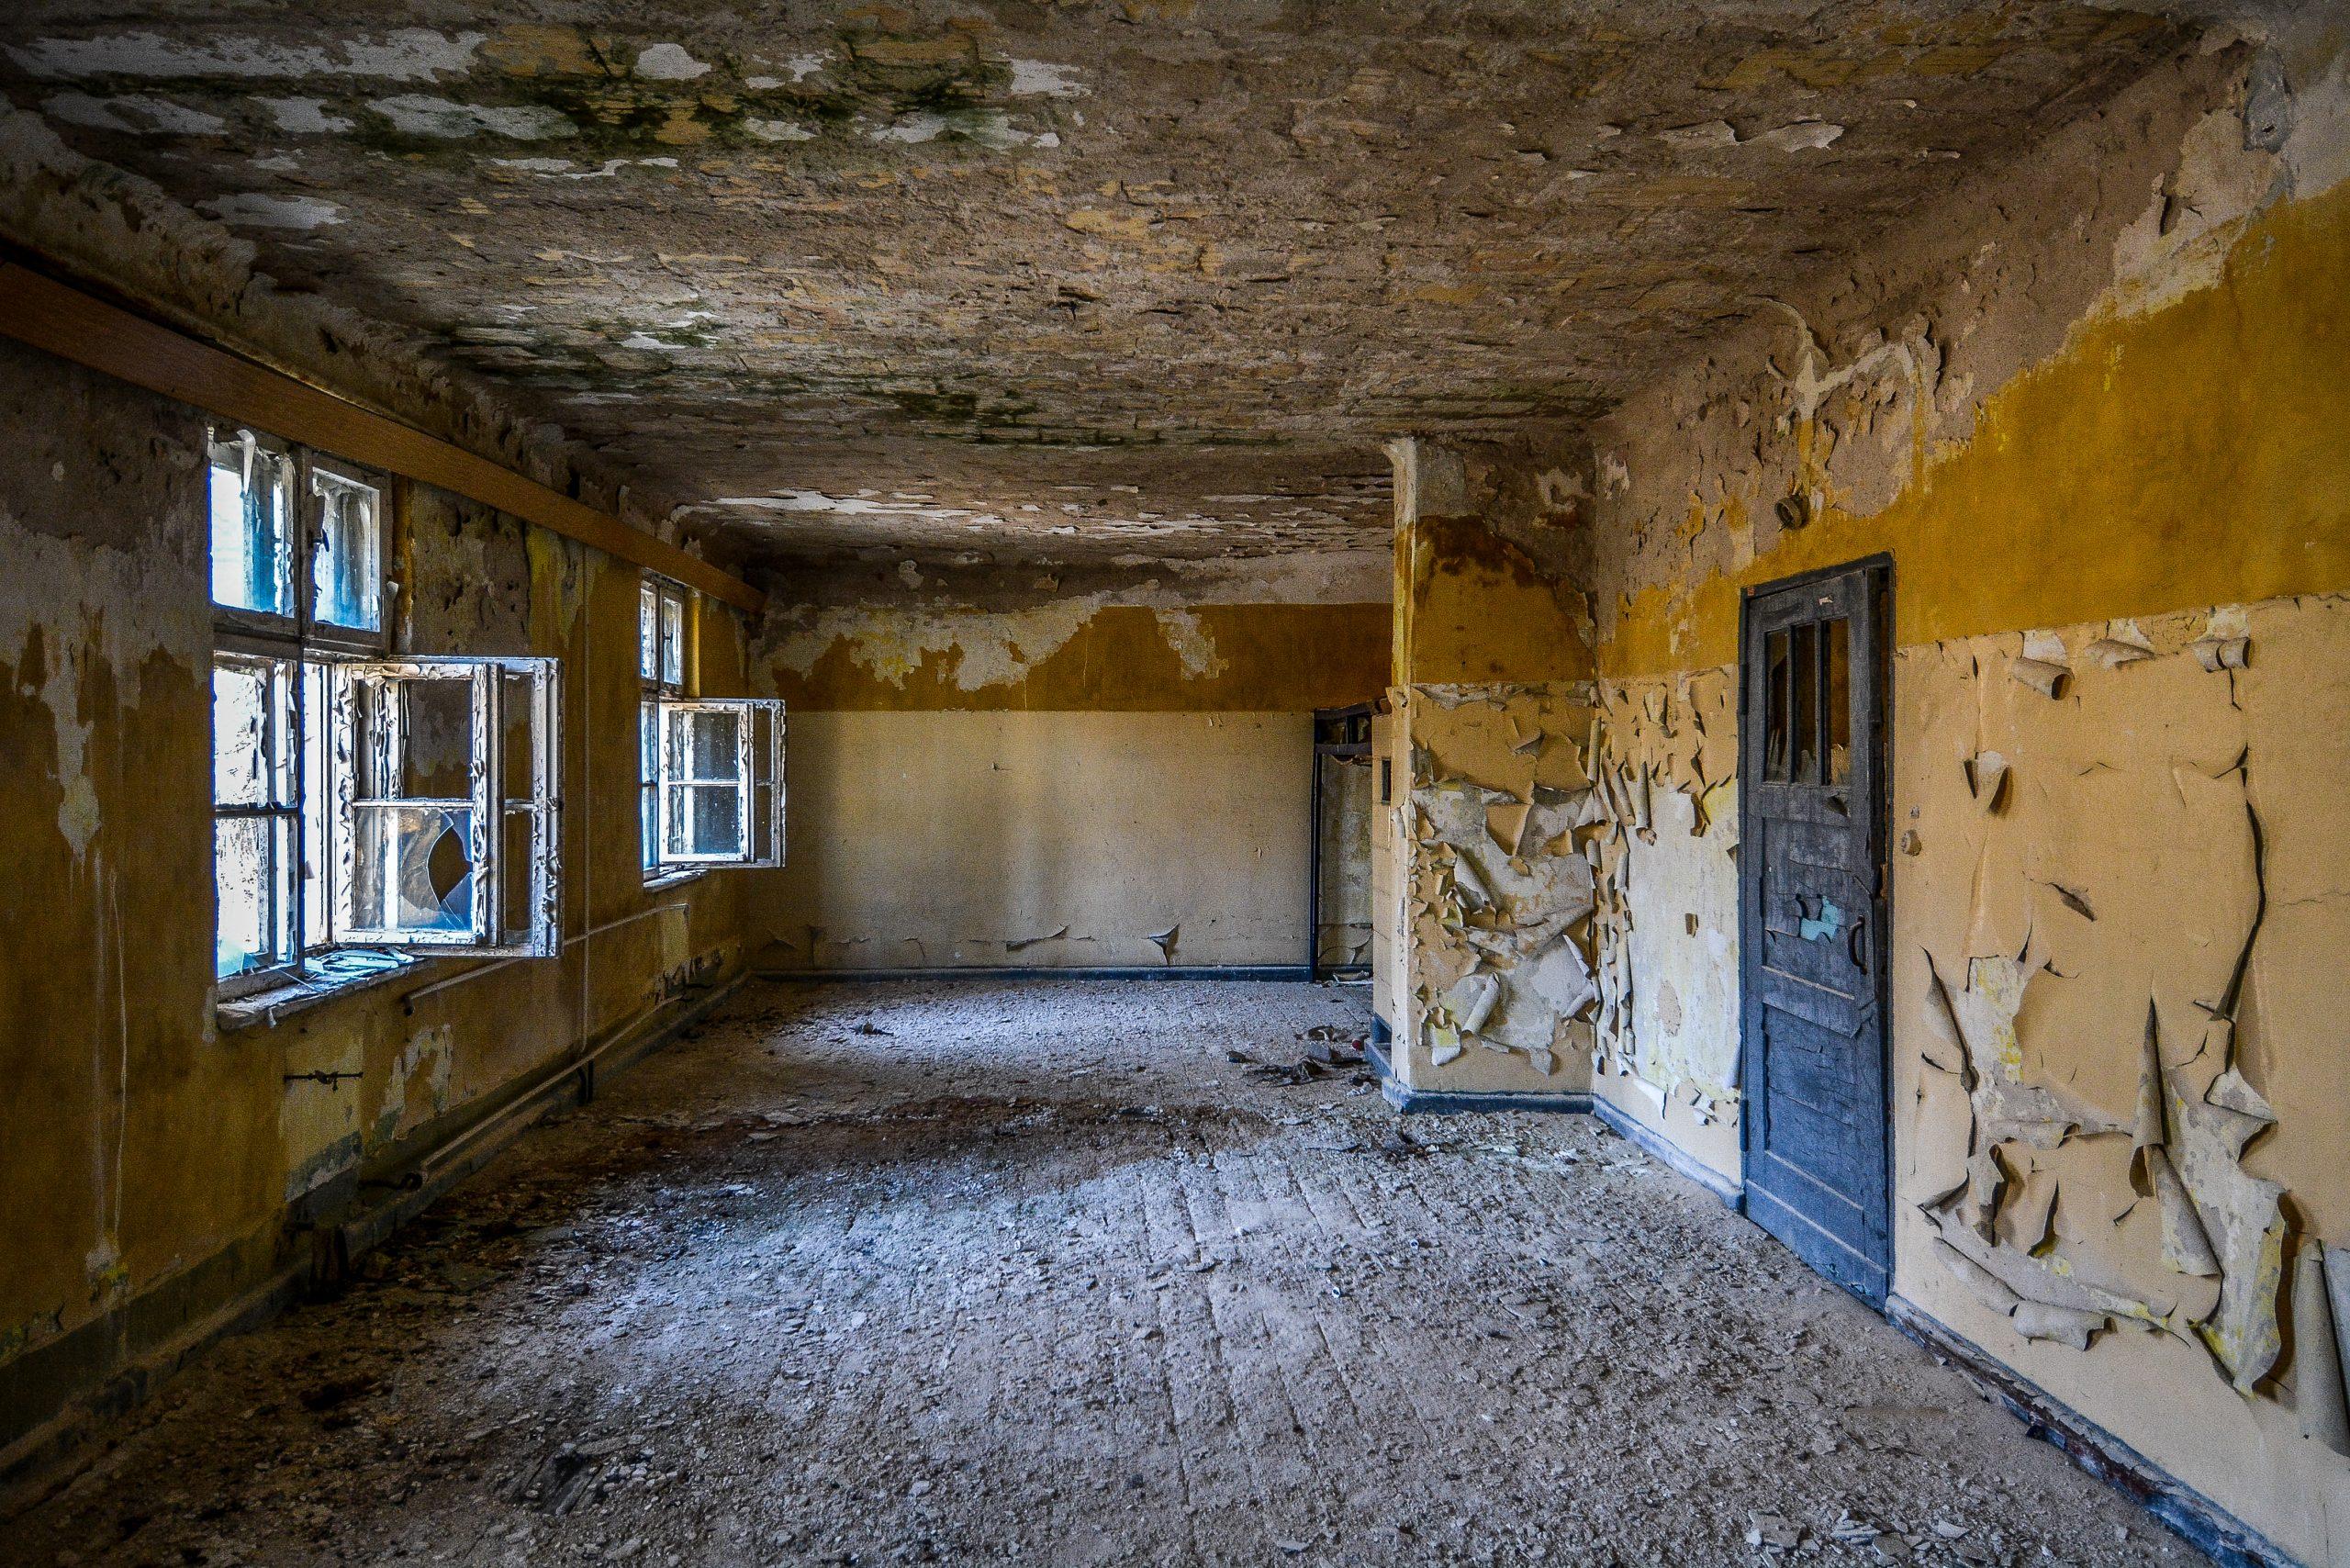 crumbling paint room forst zinna adolf hitler lager luckenwalde juterbog sowjet kaserne soviet military barracks germany lost places urbex abandoned